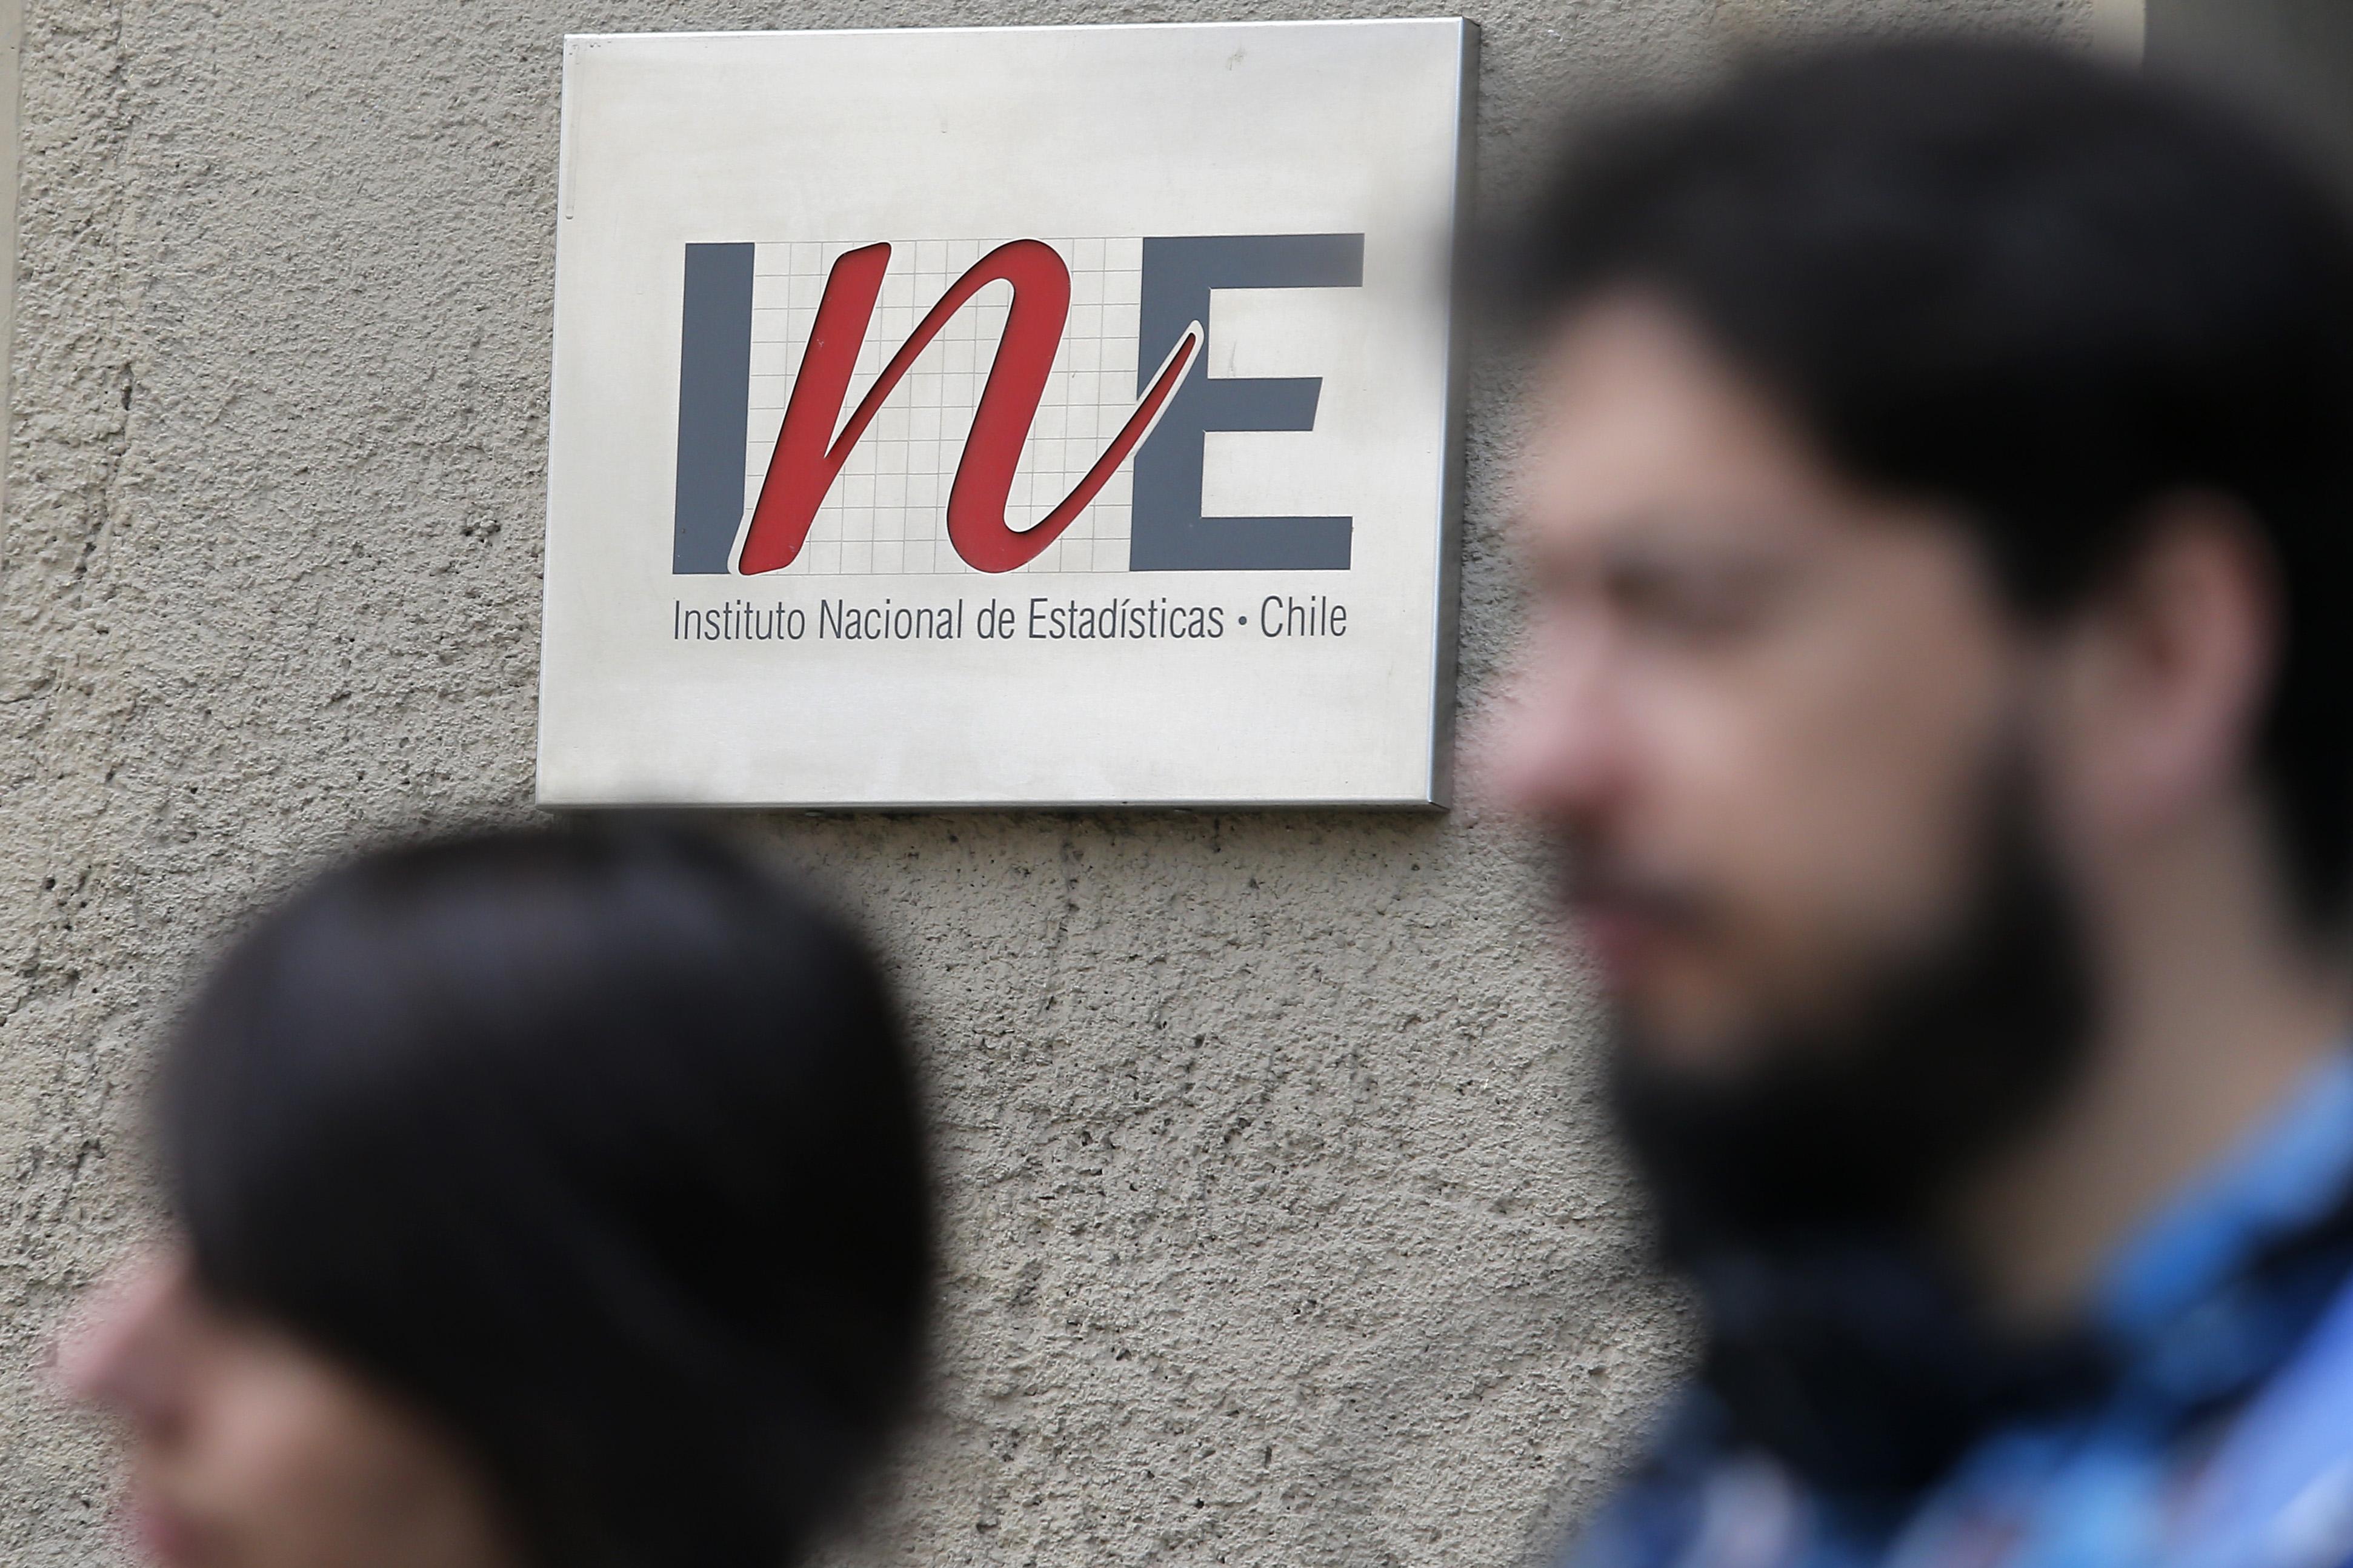 INE: sueldos reales crecieron 2,3% y acumularon 0,8% en 2019